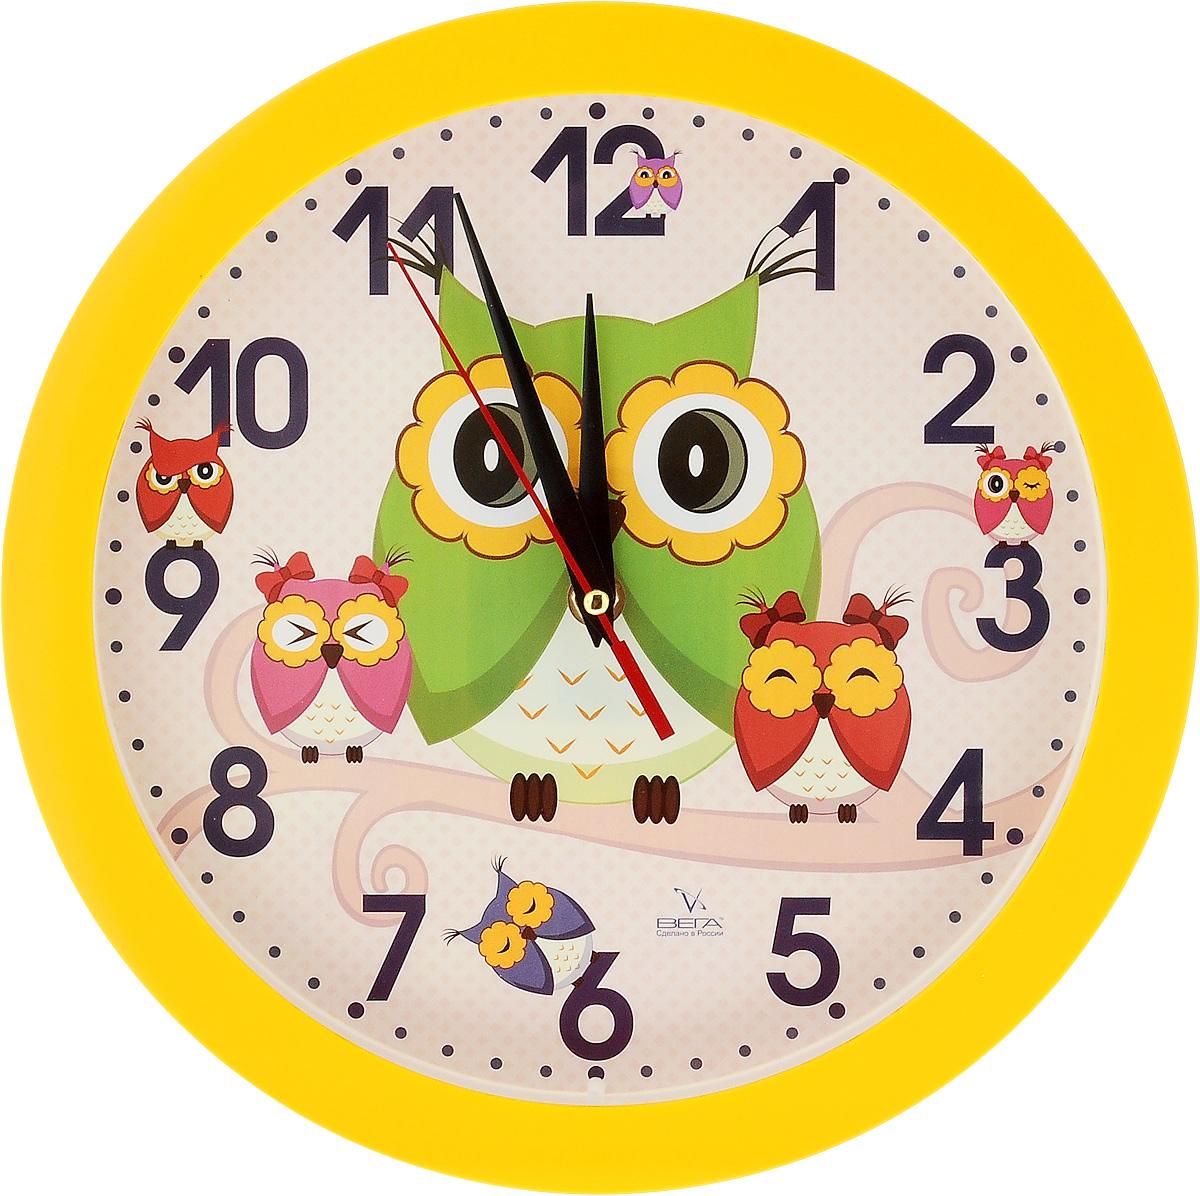 Часы настенные Вега Совы, диаметр 28,5 смП1-2/7-207Настенные кварцевые часы Вега Совы,изготовленные из пластика, прекрасно впишутся в интерьервашего дома. Часы имеют три стрелки: часовую, минутную исекундную, циферблат защищен прозрачным стеклом.Часы работают от 1 батарейки типа АА напряжением 1,5 В (невходит в комплект). Диаметр часов: 28,5 см.